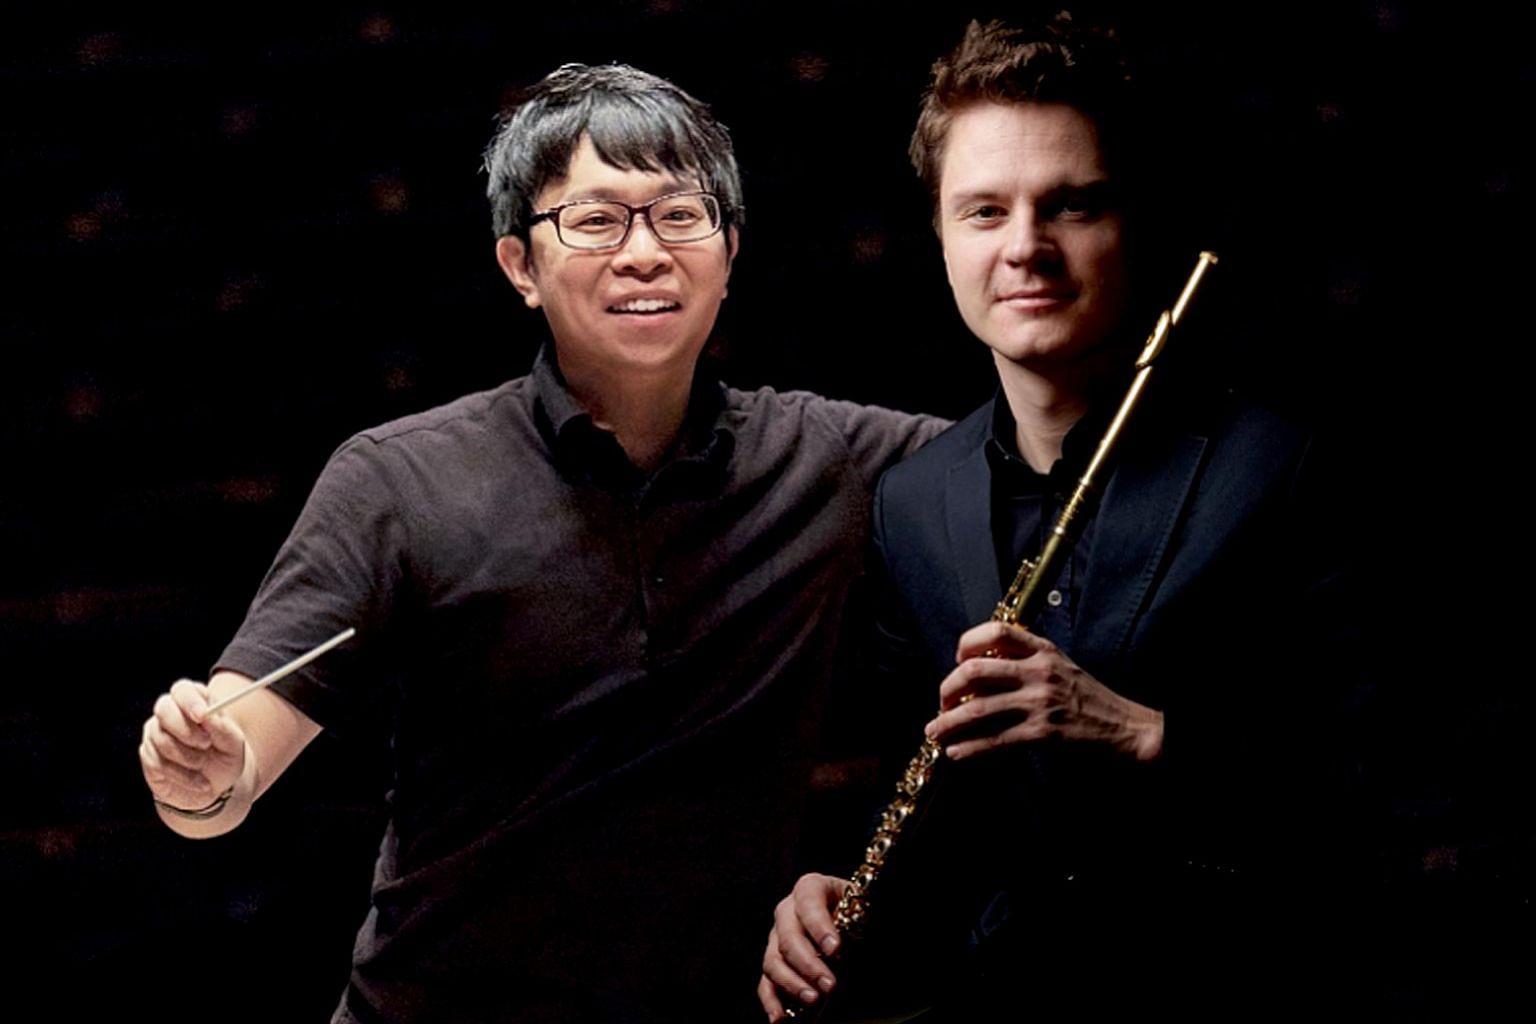 Conductor Wong Kah Chun and flautist Karl-Heinz Schutz.